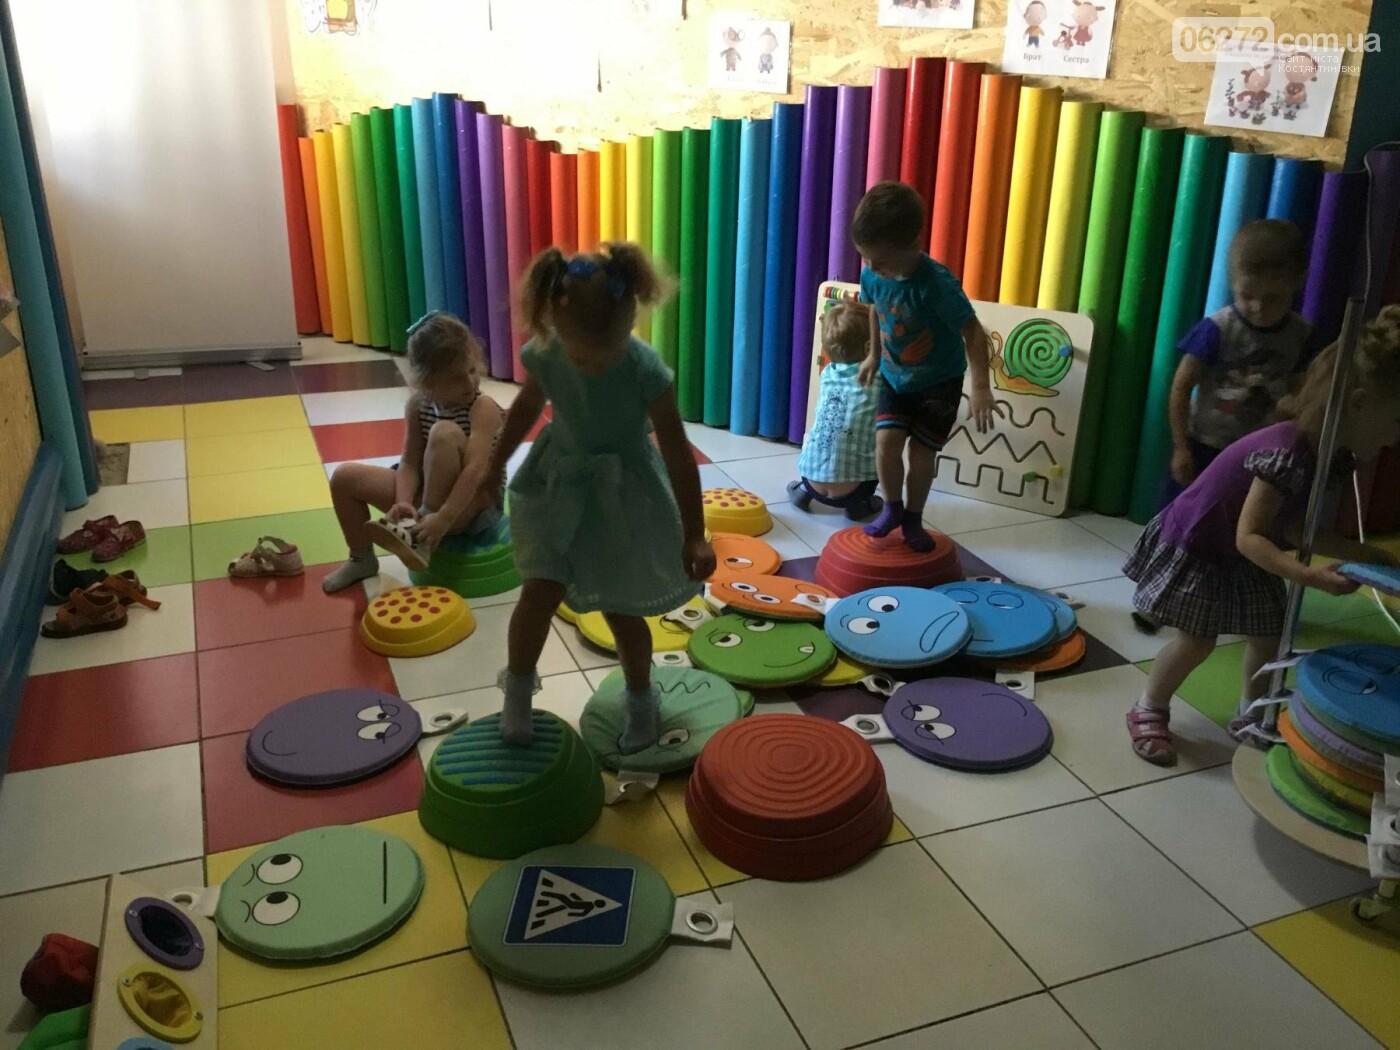 У Костянтинівці в дитячій інклюзивній групі з'явилось сучасне обладнання, фото-2